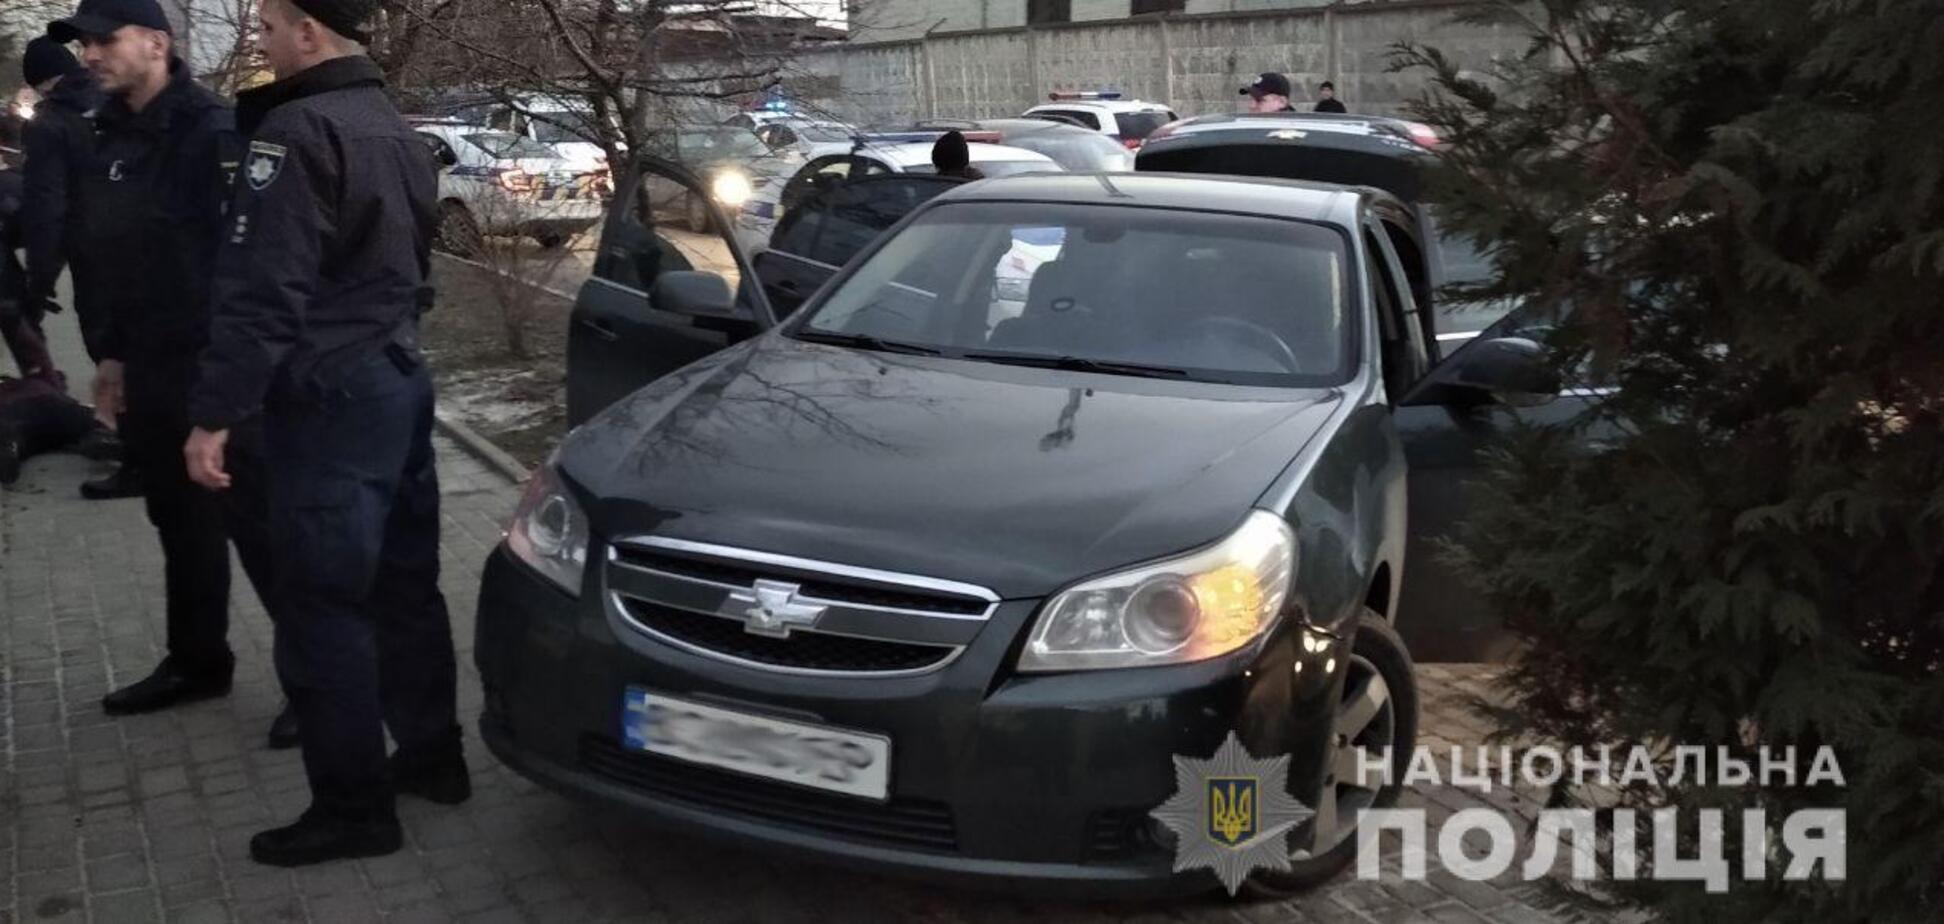 Со стрельбой запихали в багажник: во Львове в открытую похитили человека. Фото